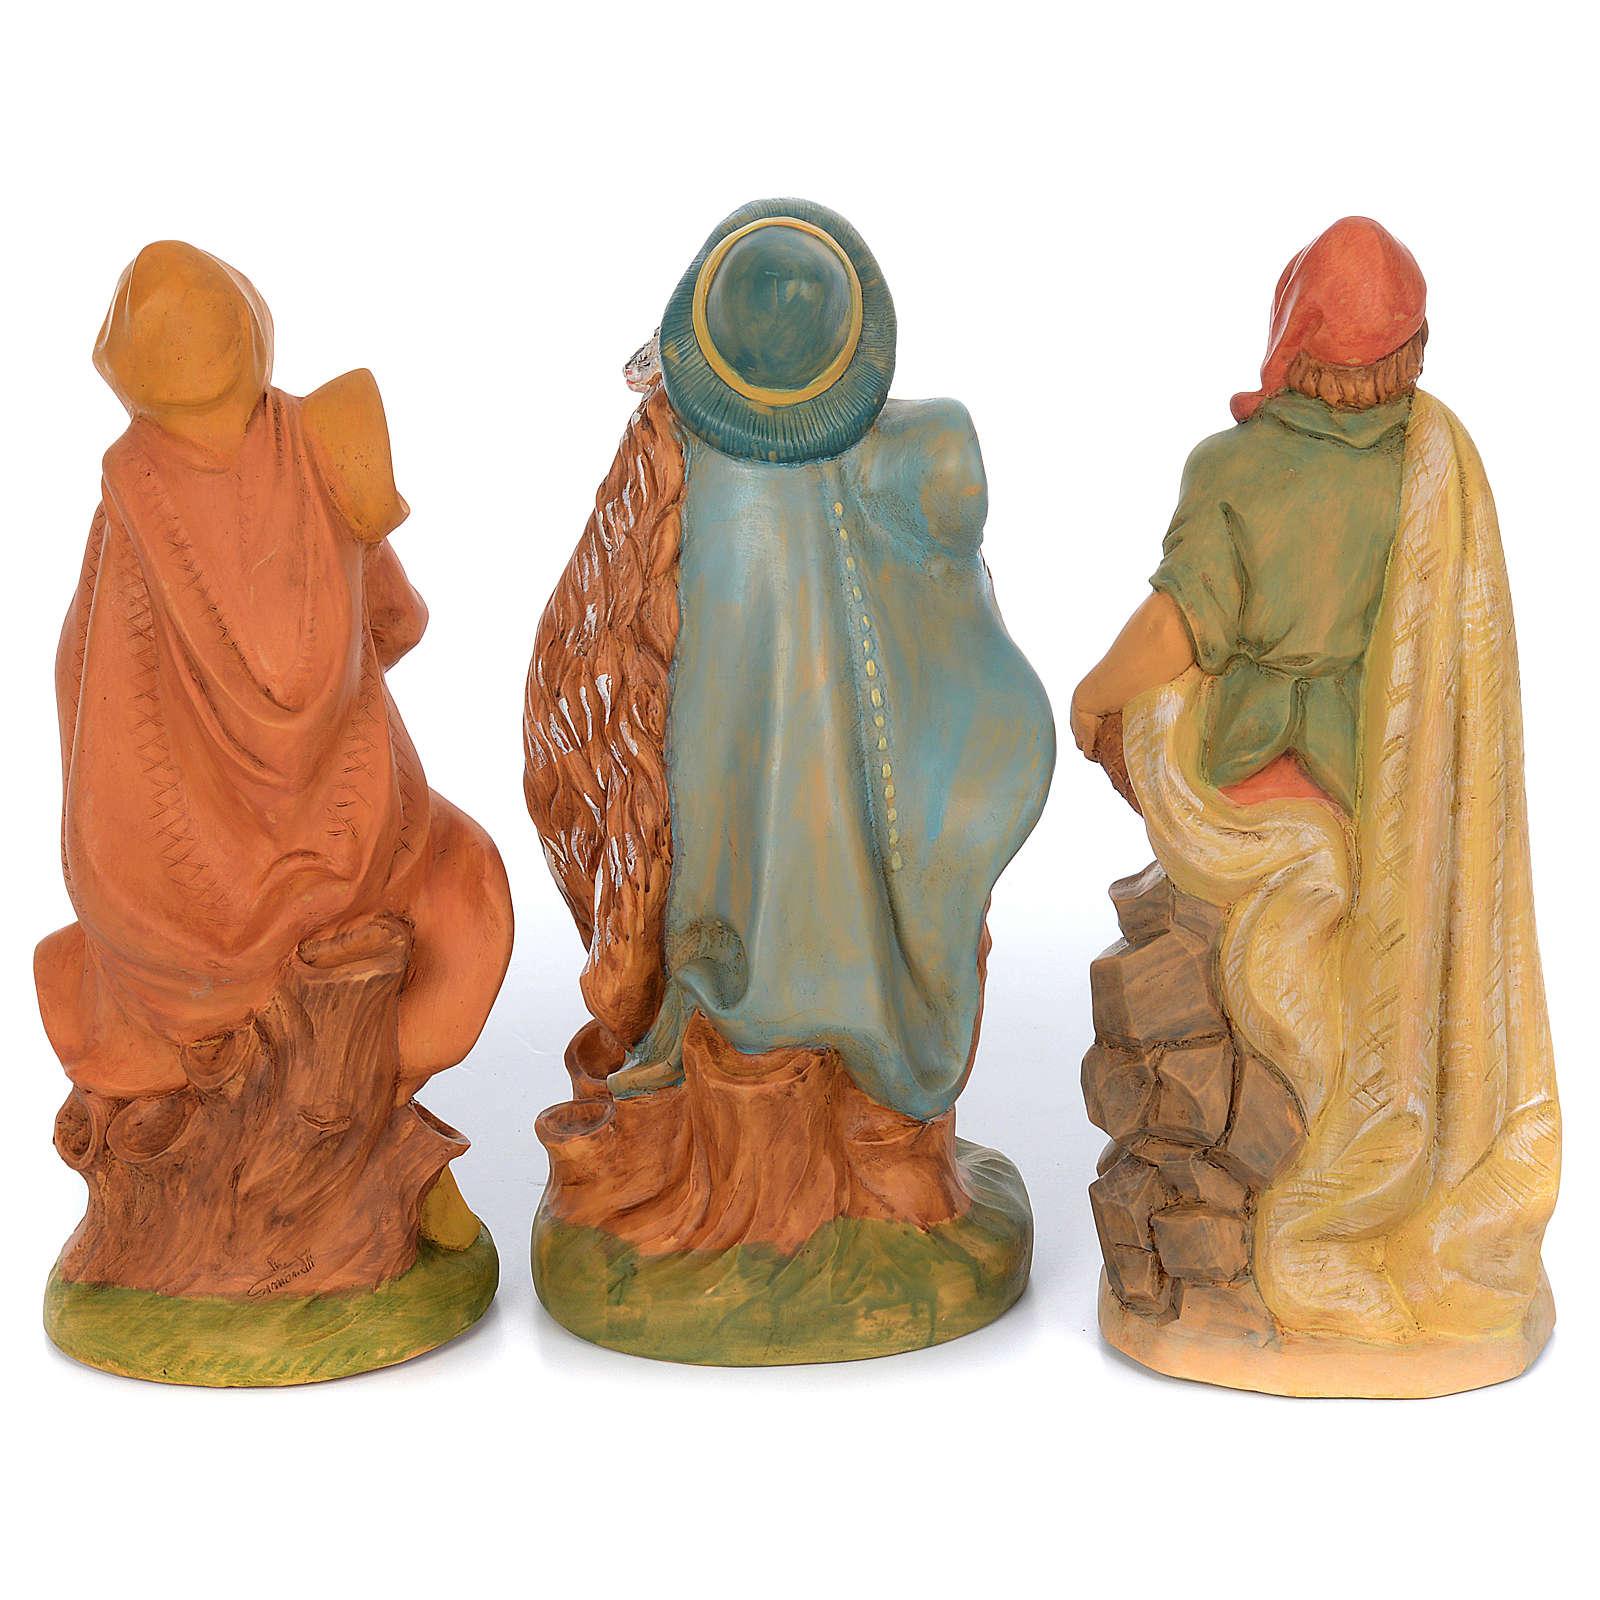 Presepe completo in materiale infrangibile cm 40 - 18 statue 4